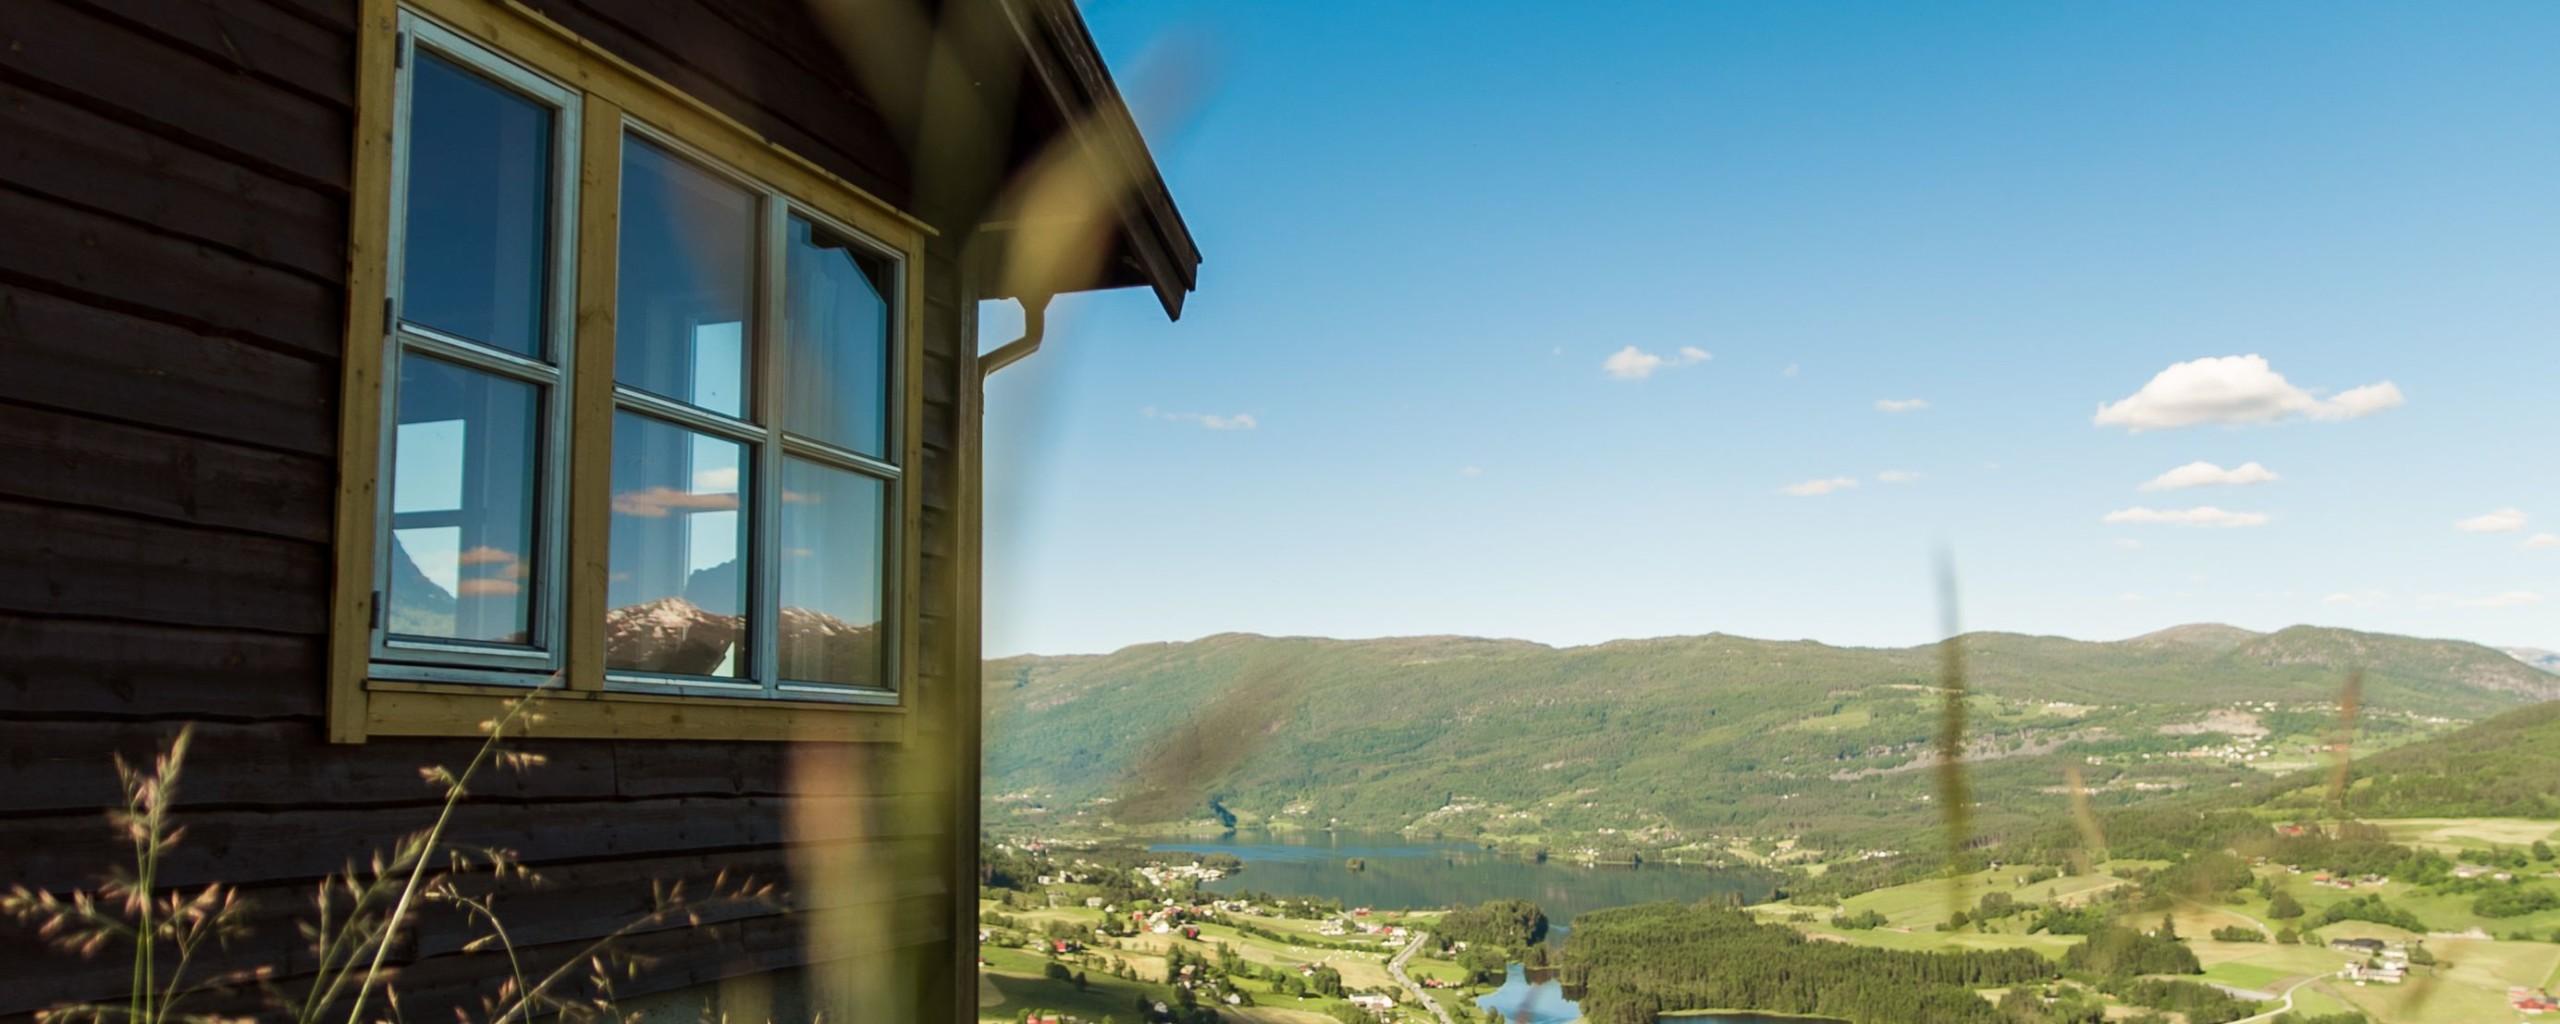 Utsikt frå hytte i Bavallen. Foto: Jon Hunnålvatn Tøn